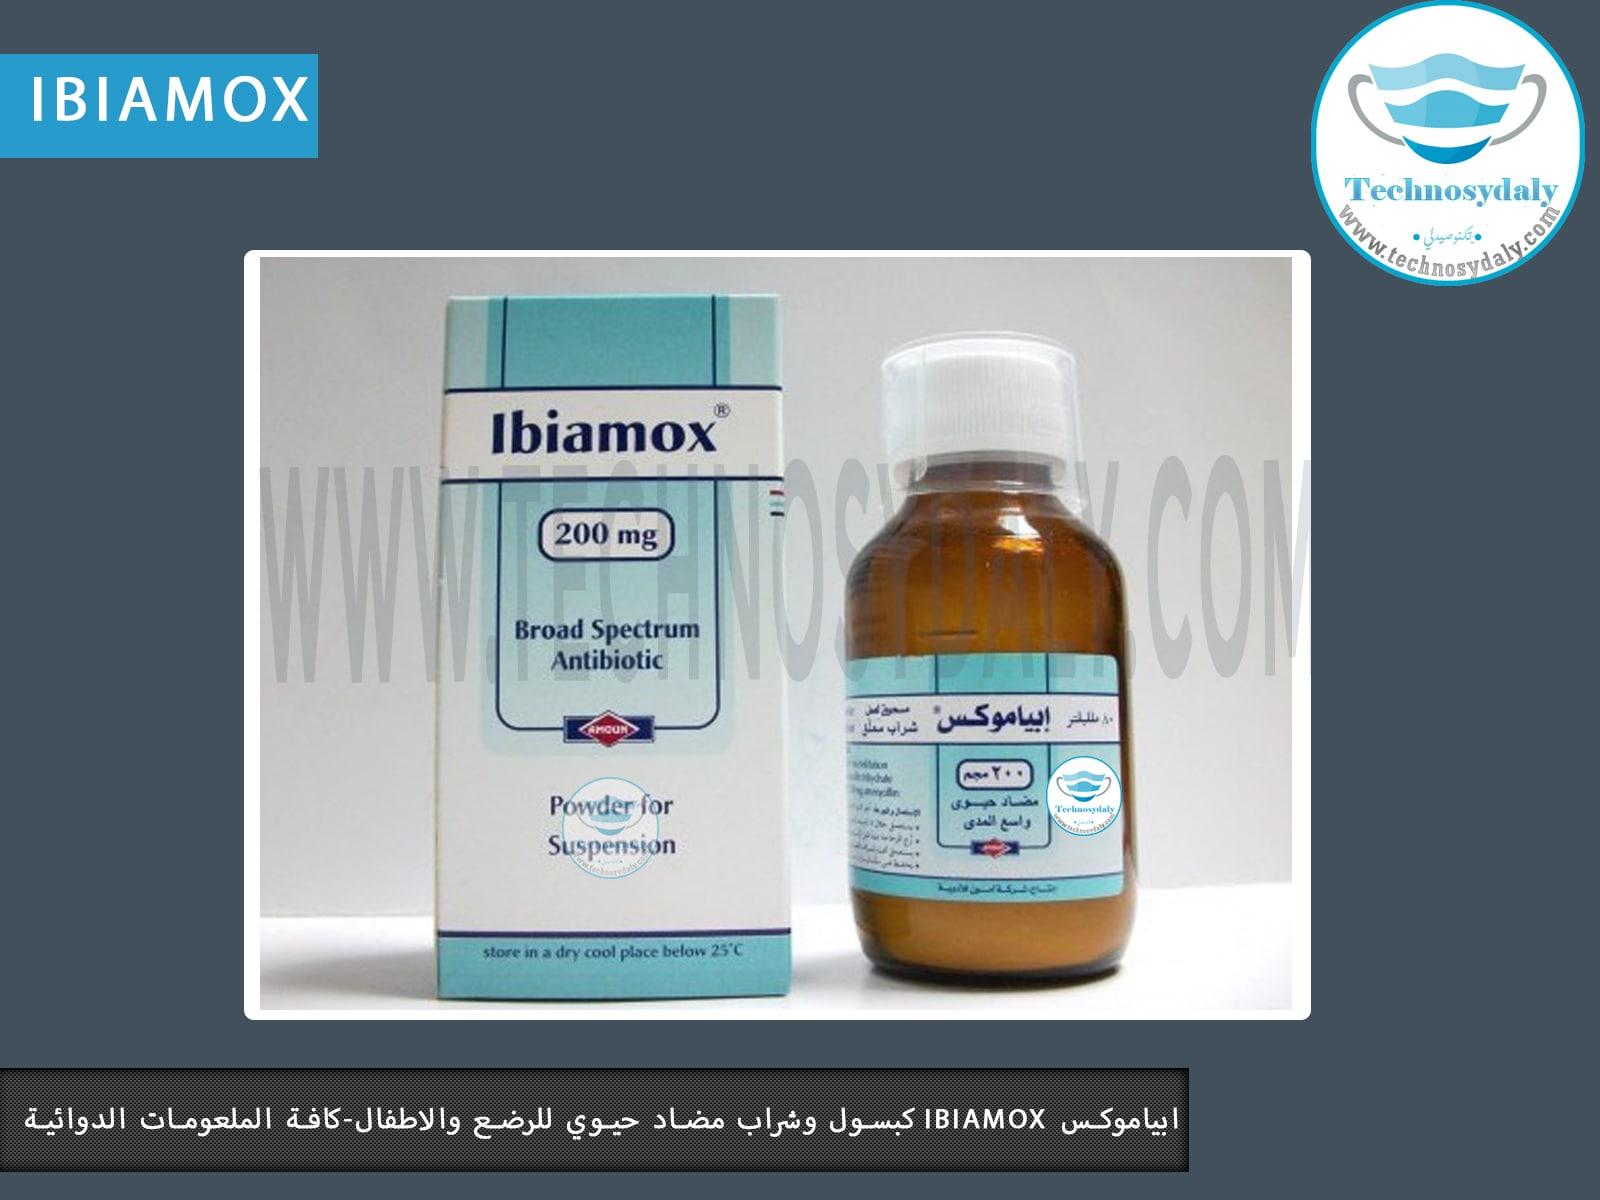 ابياموكس ibiamox كبسول وشراب مضاد حيوي للرضع والاطفال-كافة الملعومات الدوائية